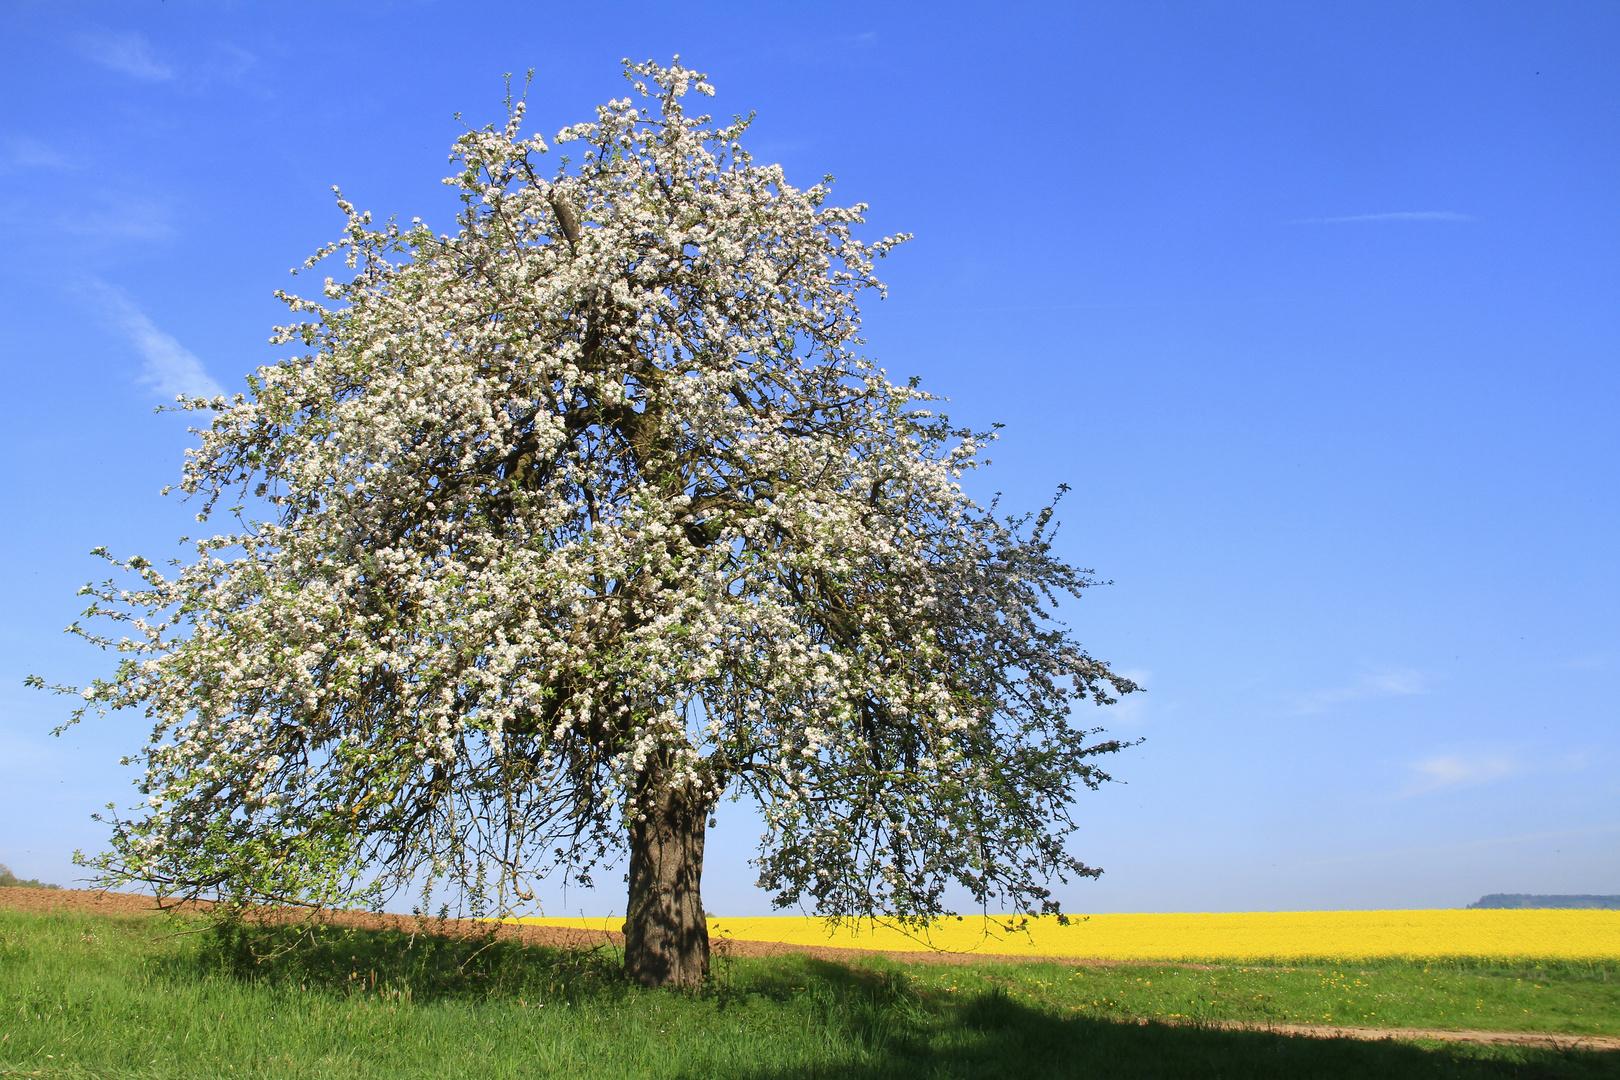 Mein Beitrag zum Tag des Baumes